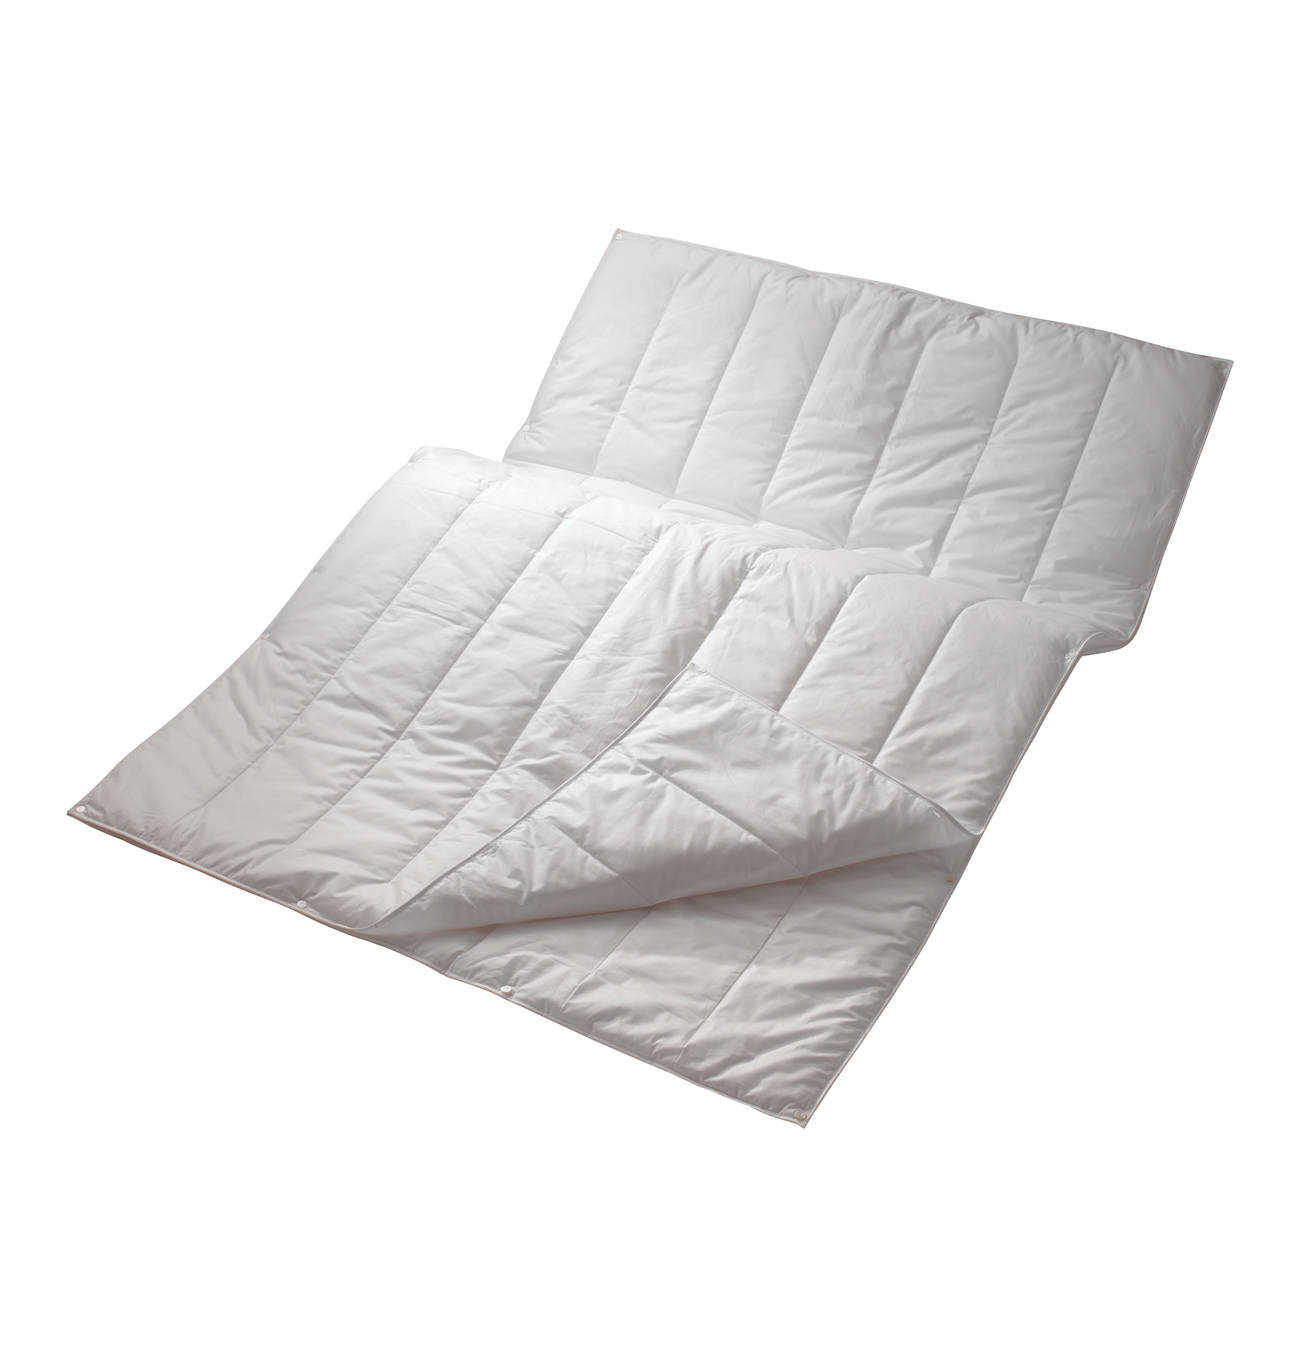 4 Jahreszeiten Bett Sport Line In 2019 Bett Bettdecke Und